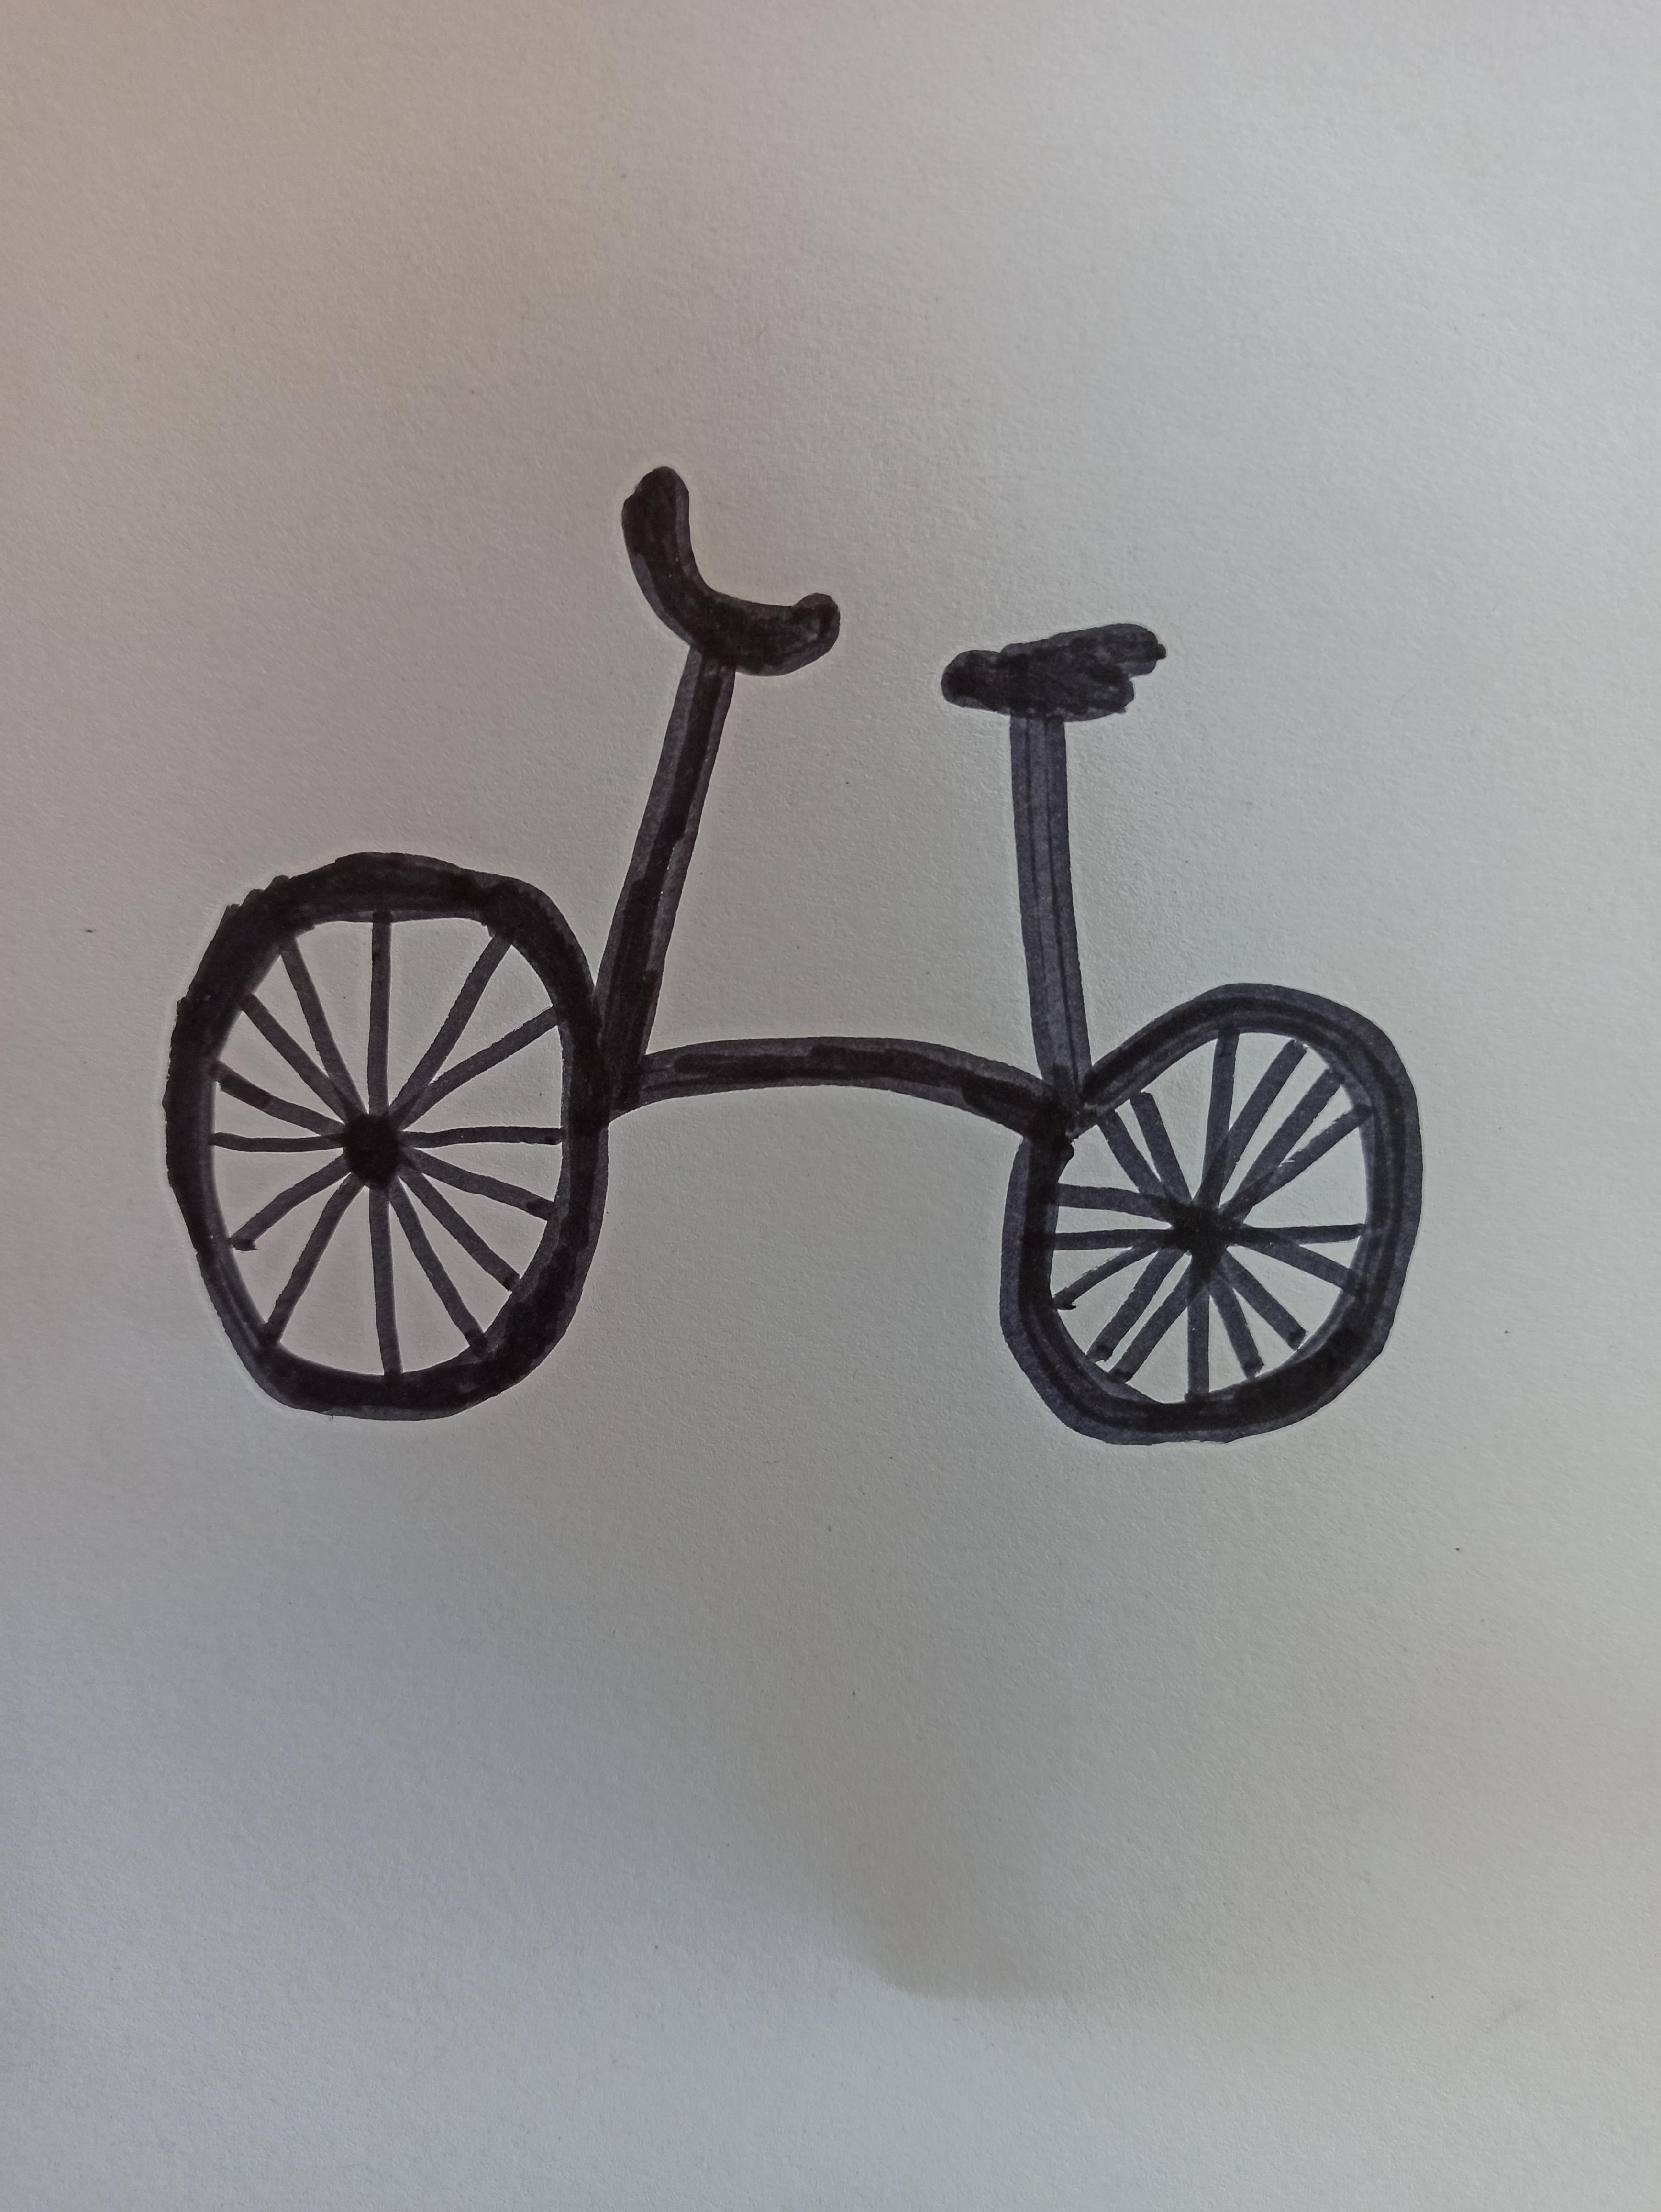 Zeichnung eines Fahrrades